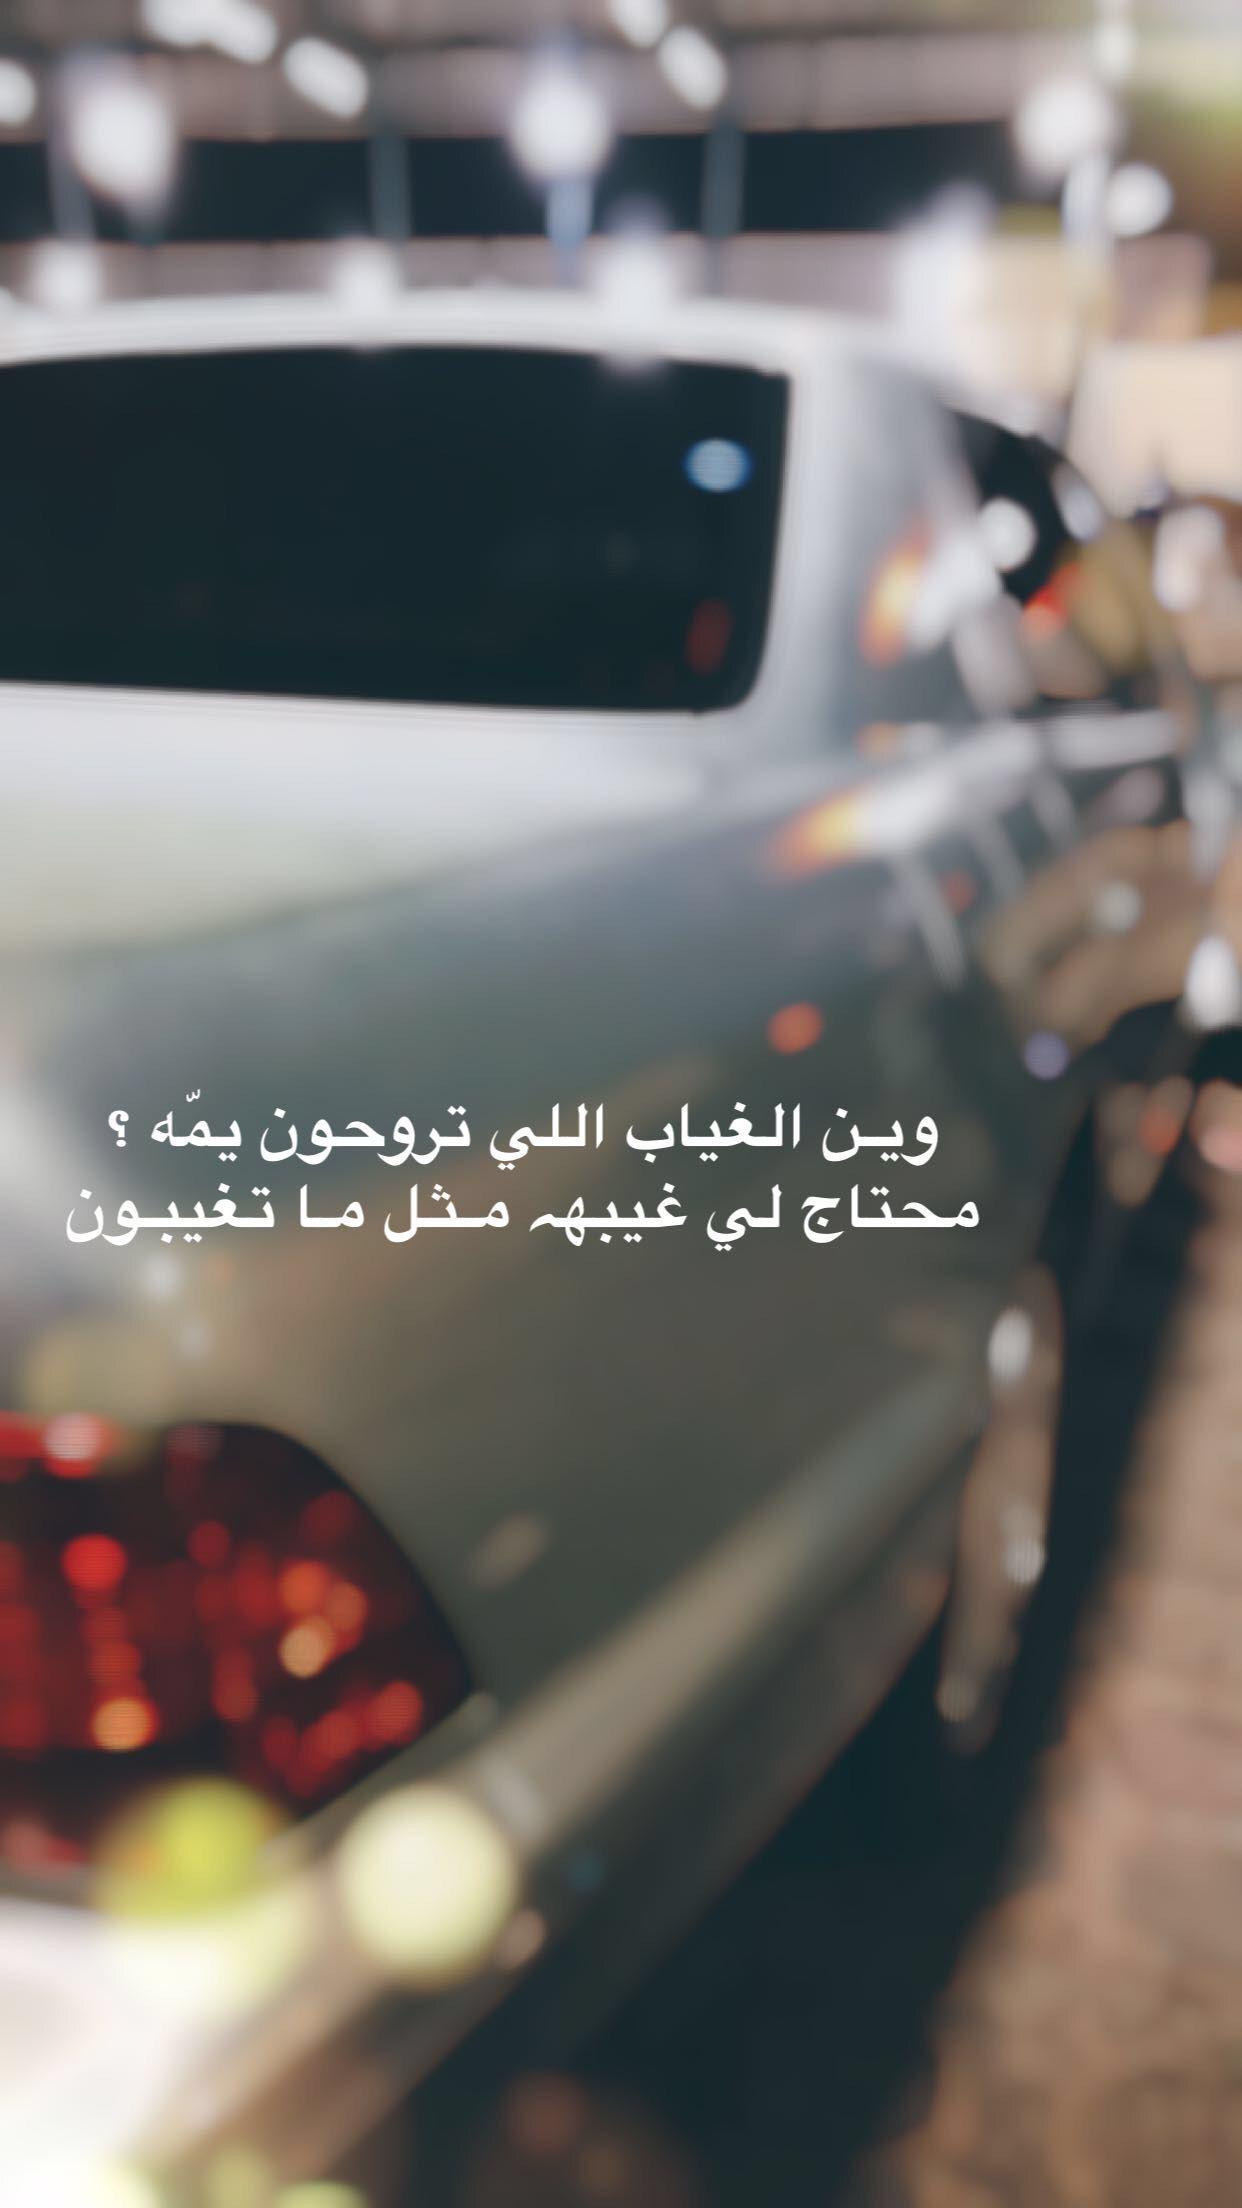 رمزيات Arabic Love Quotes Love Quotes Love Words